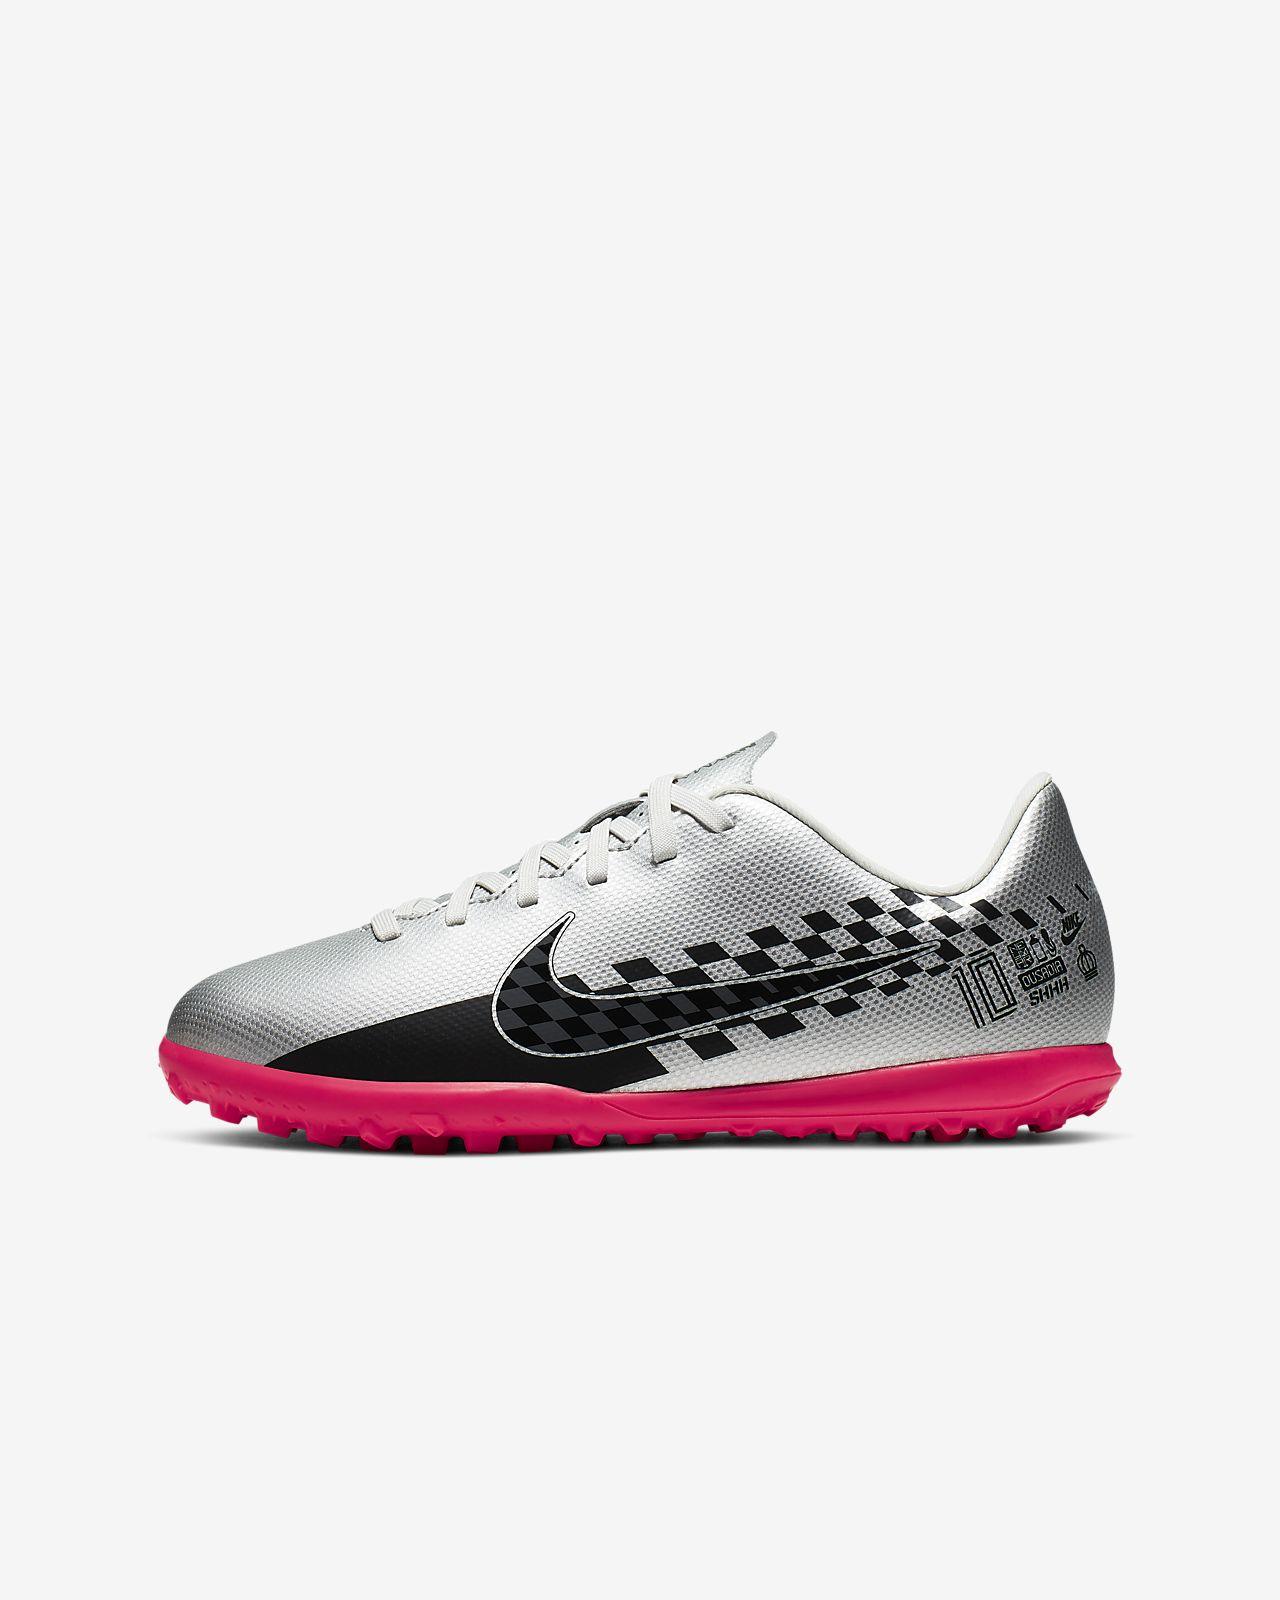 Buty piłkarskie na sztuczną nawierzchnię typu turf dla dzieci Nike Jr. Mercurial Vapor 13 Club Neymar Jr. TF